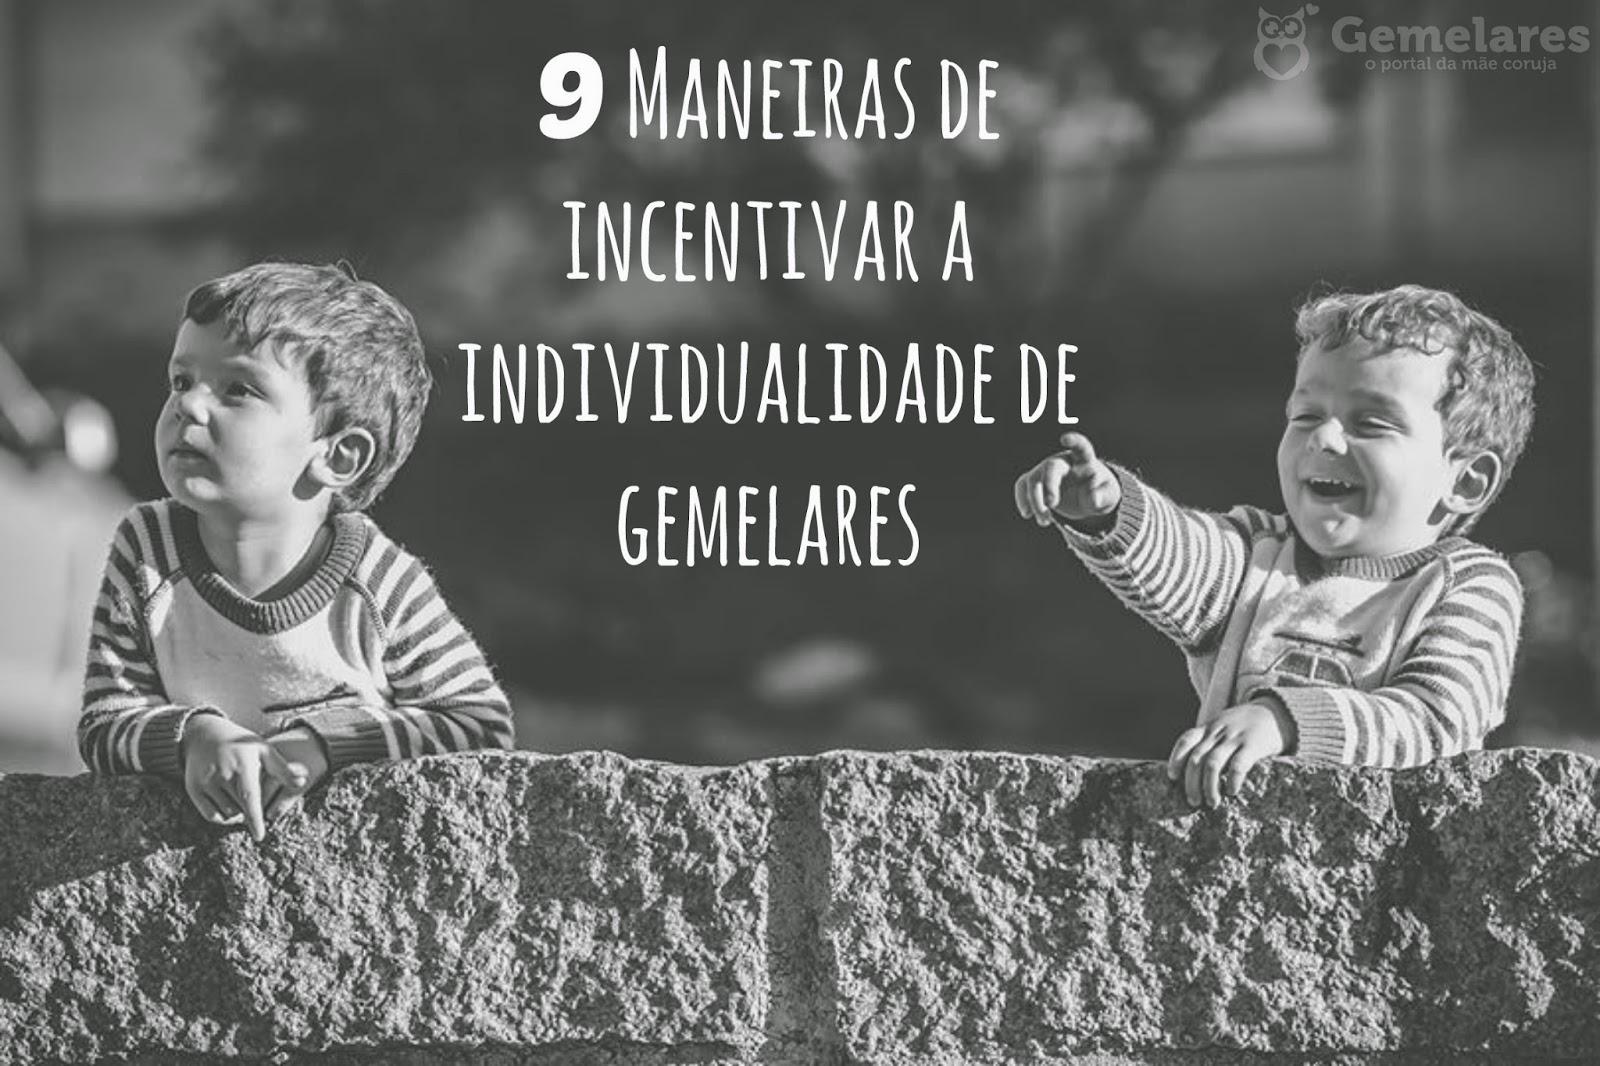 9 Maneiras de incentivar a individualidade de gemelares